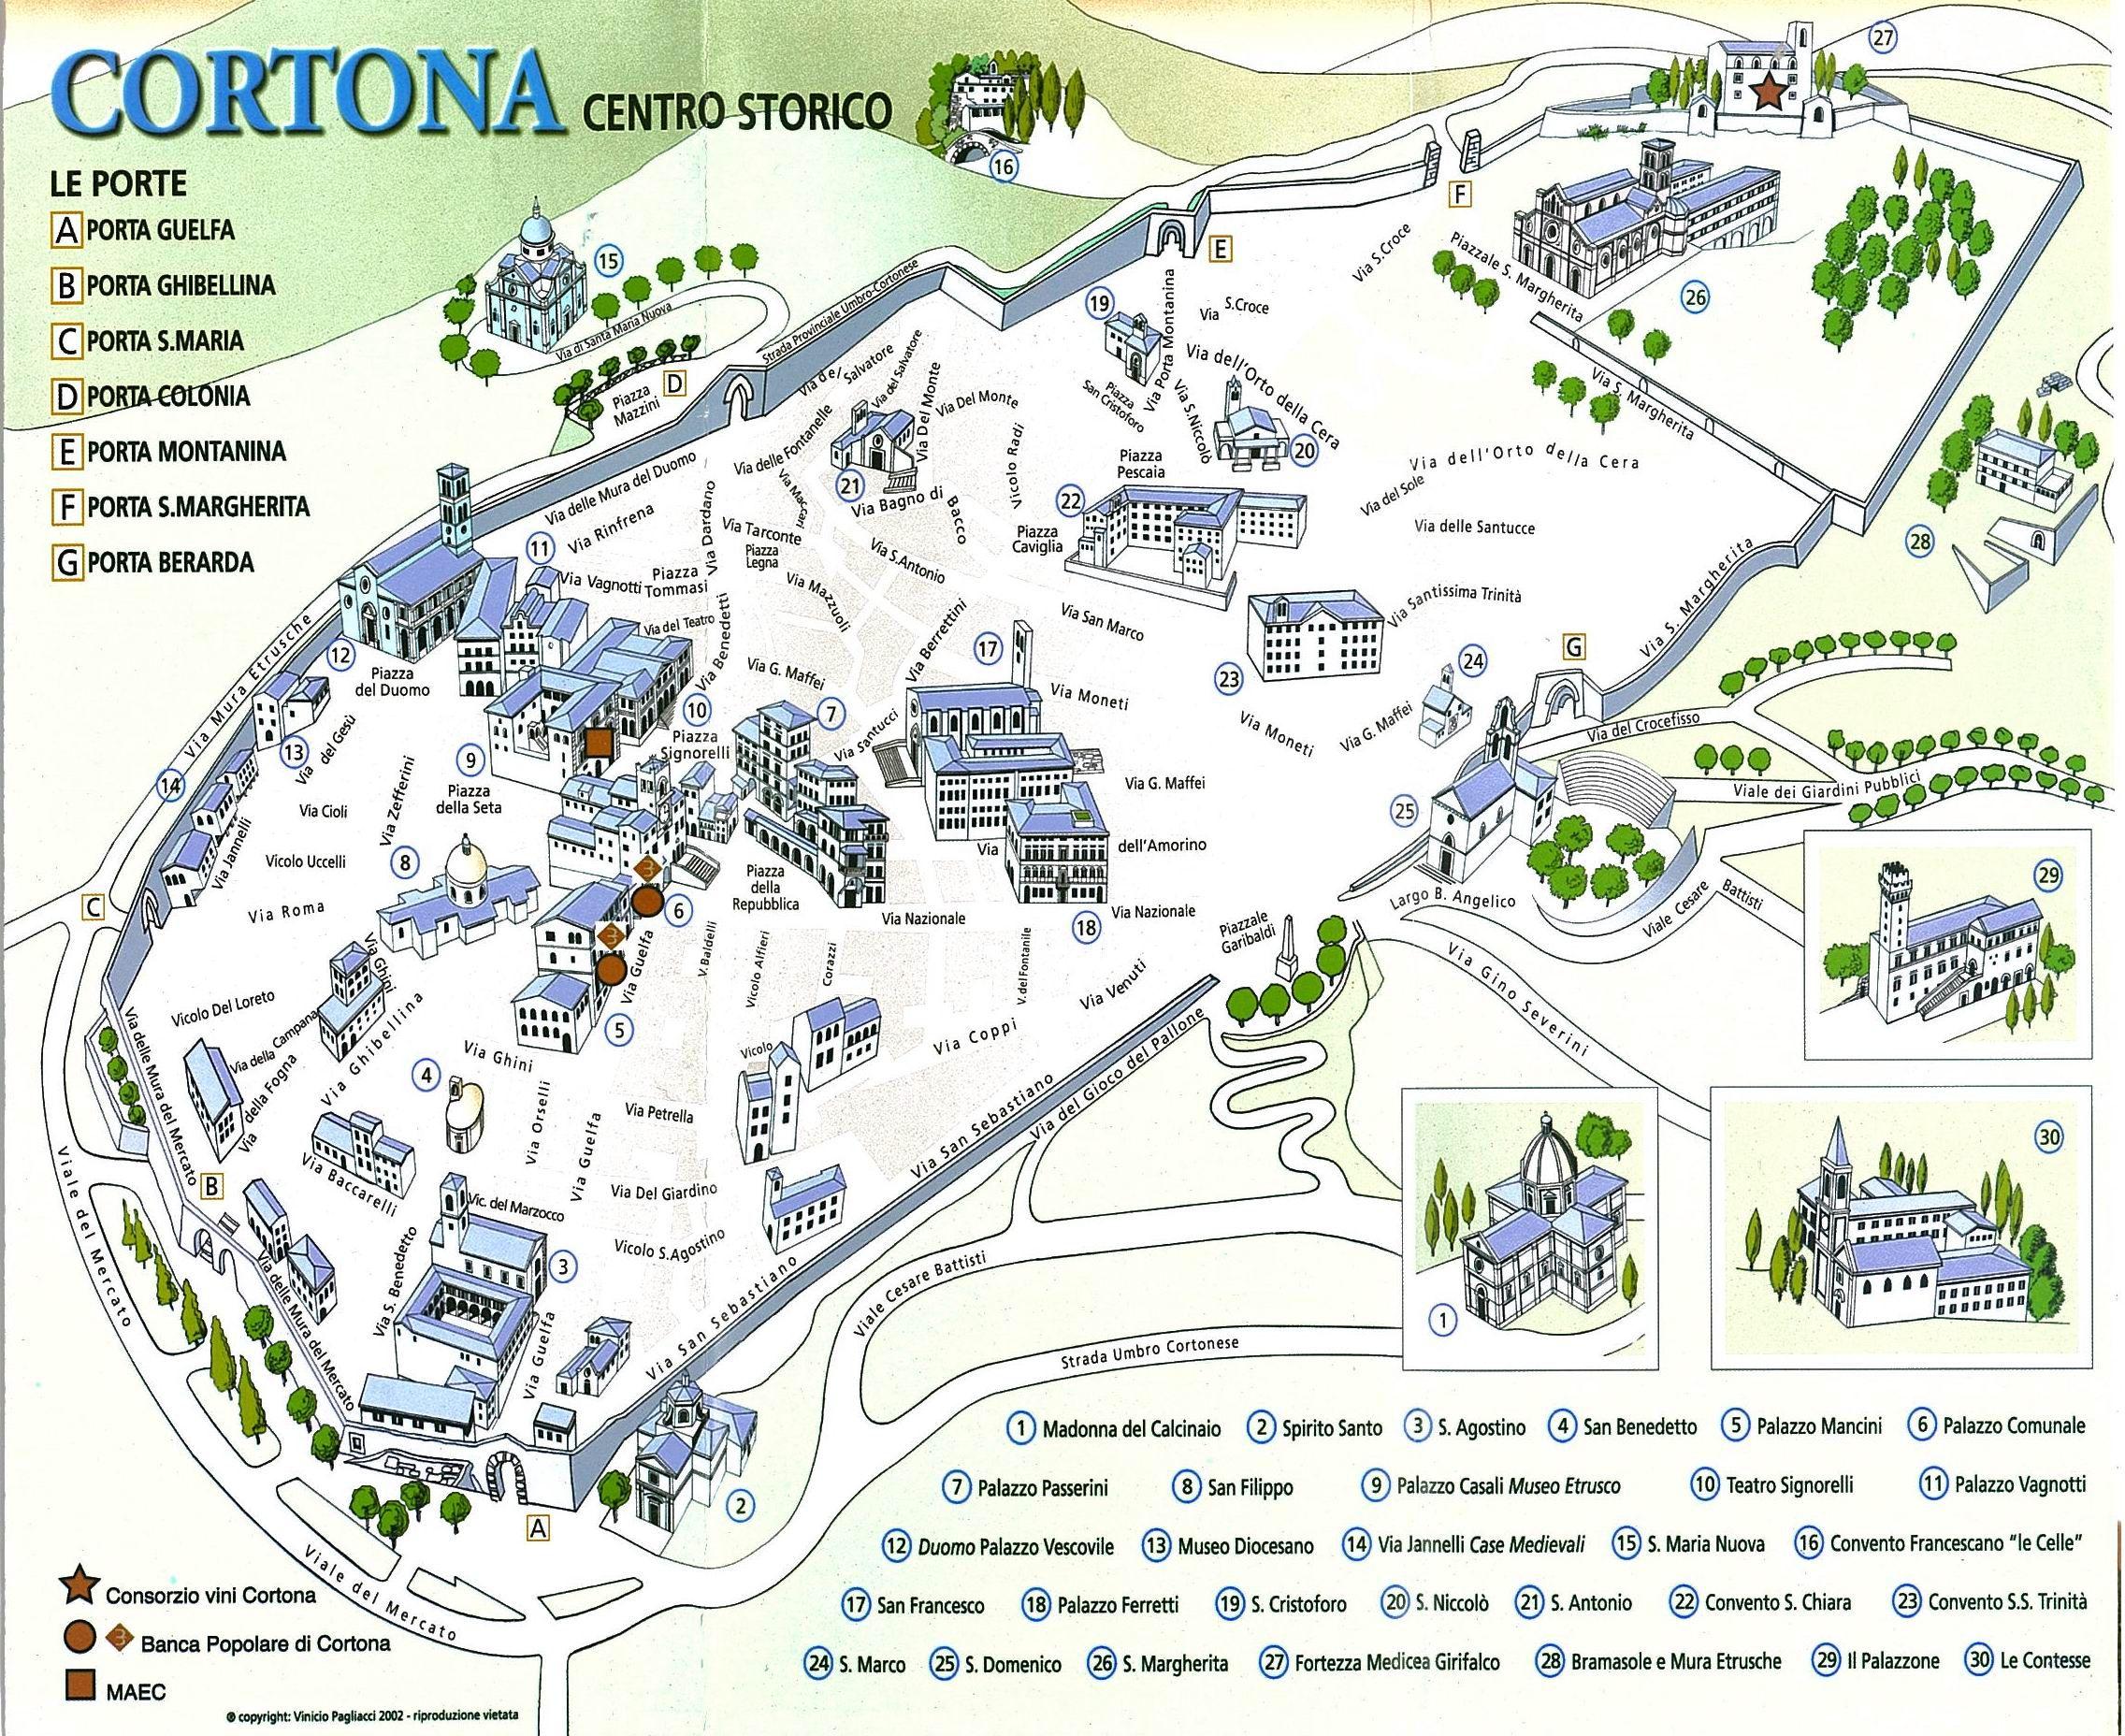 Cortona Italy Map Image result for cortona italy | Travel  Italy | Map, Italy, Italy  Cortona Italy Map